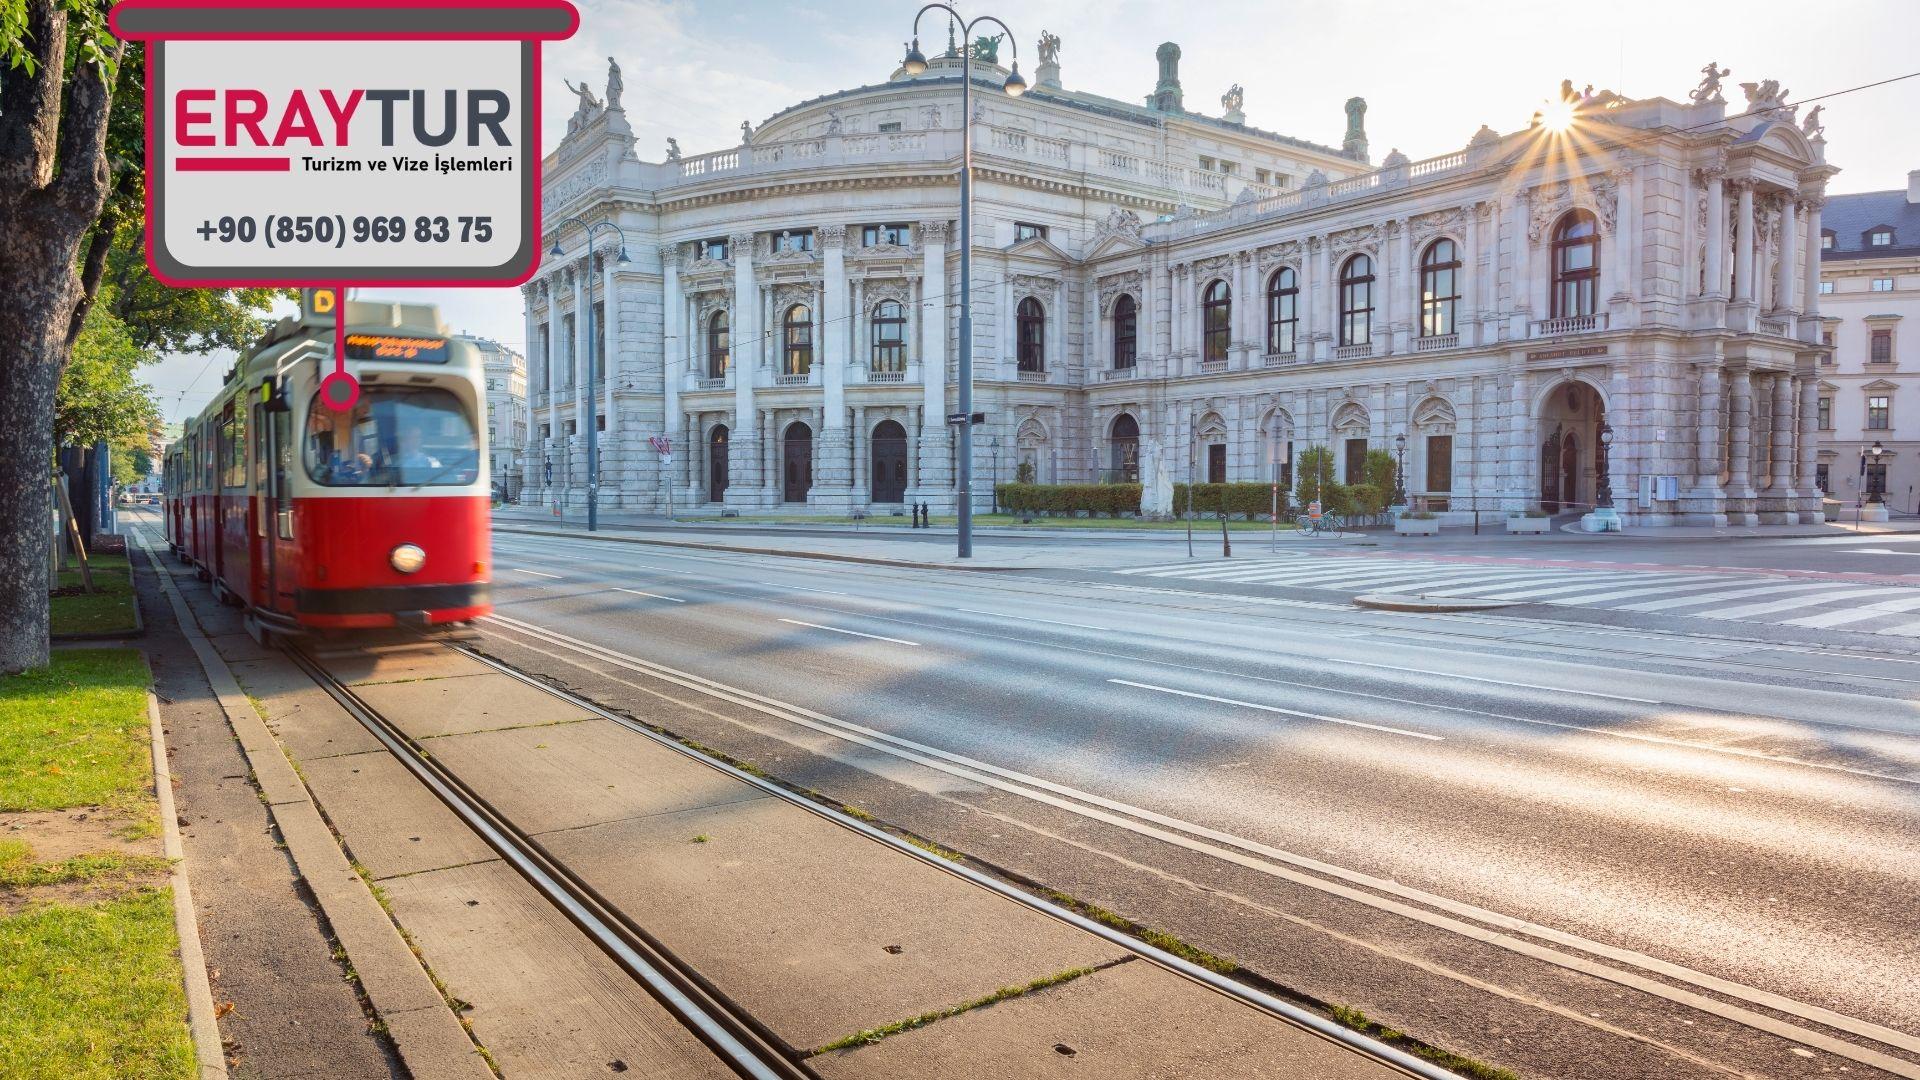 Avusturya Aile Ziyareti Vize Dilekçe Örneği